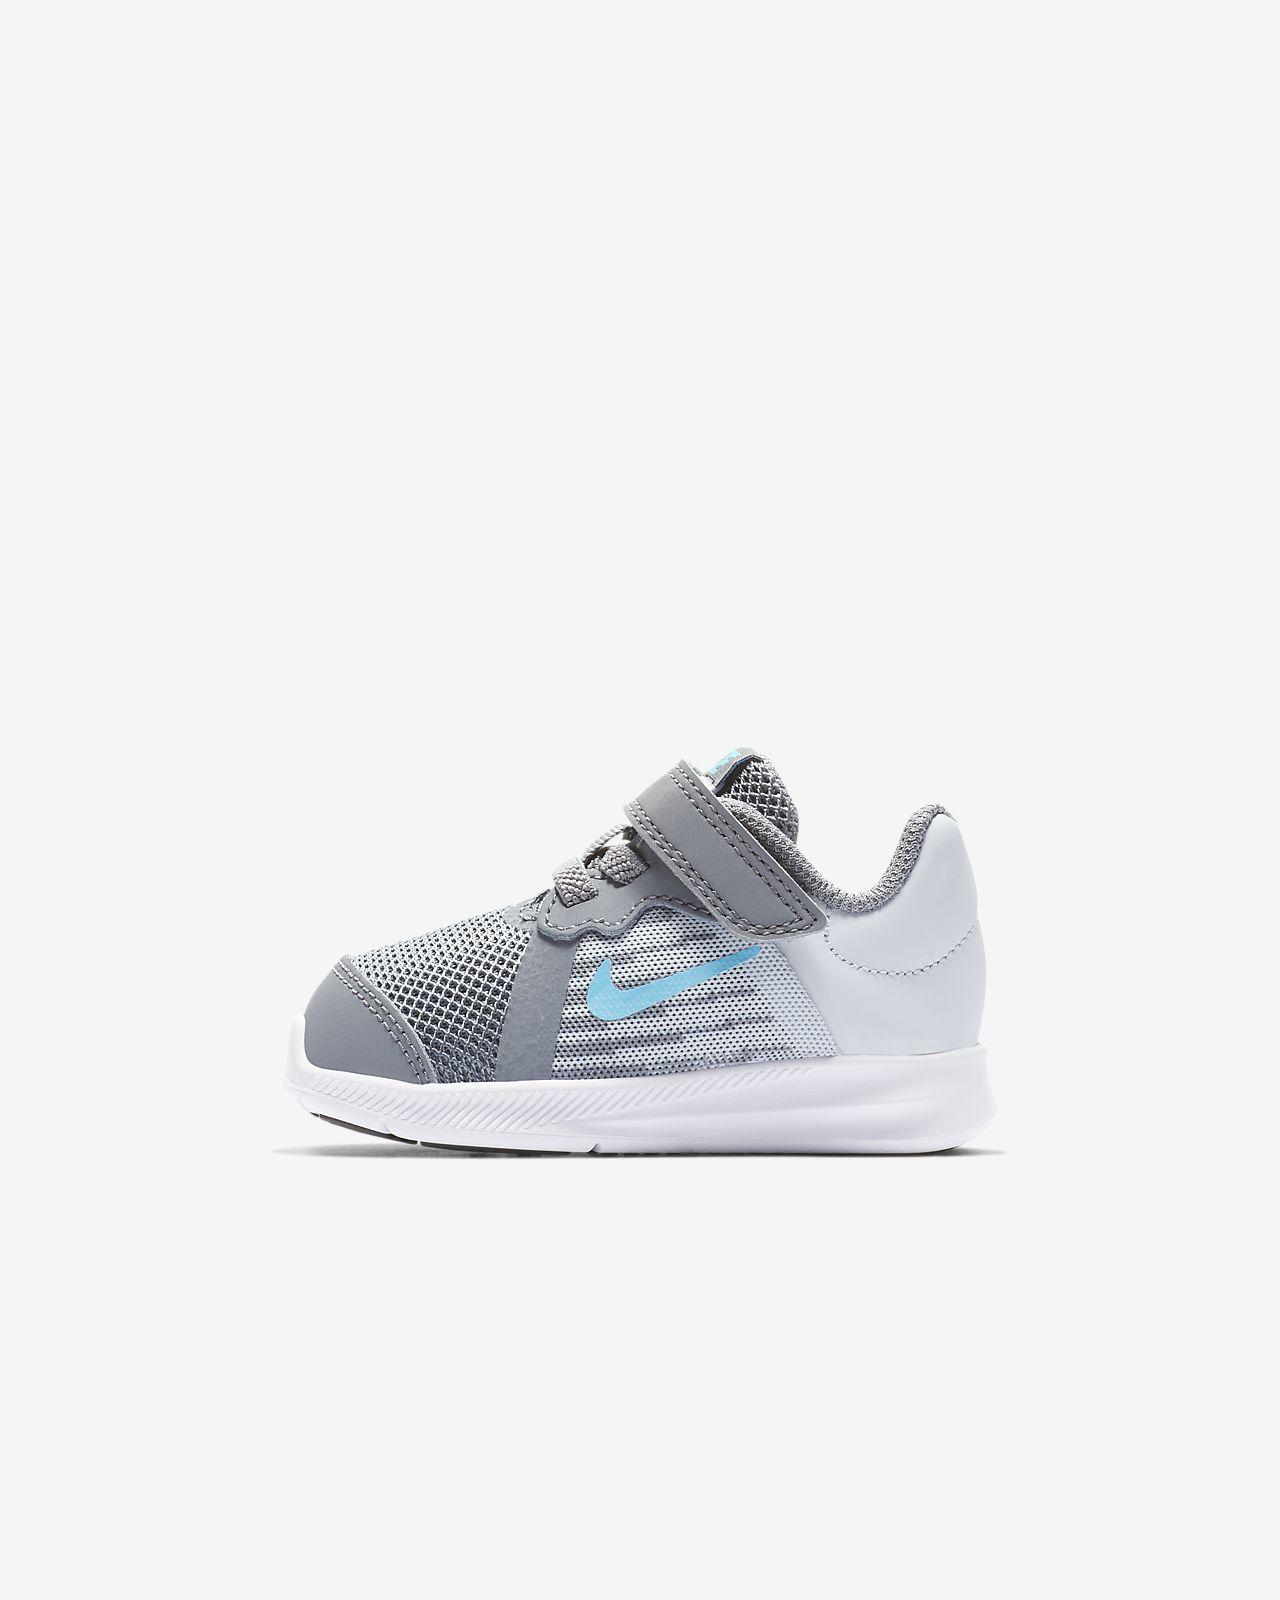 Παπούτσι Nike Downshifter 8 για βρέφη/νήπια